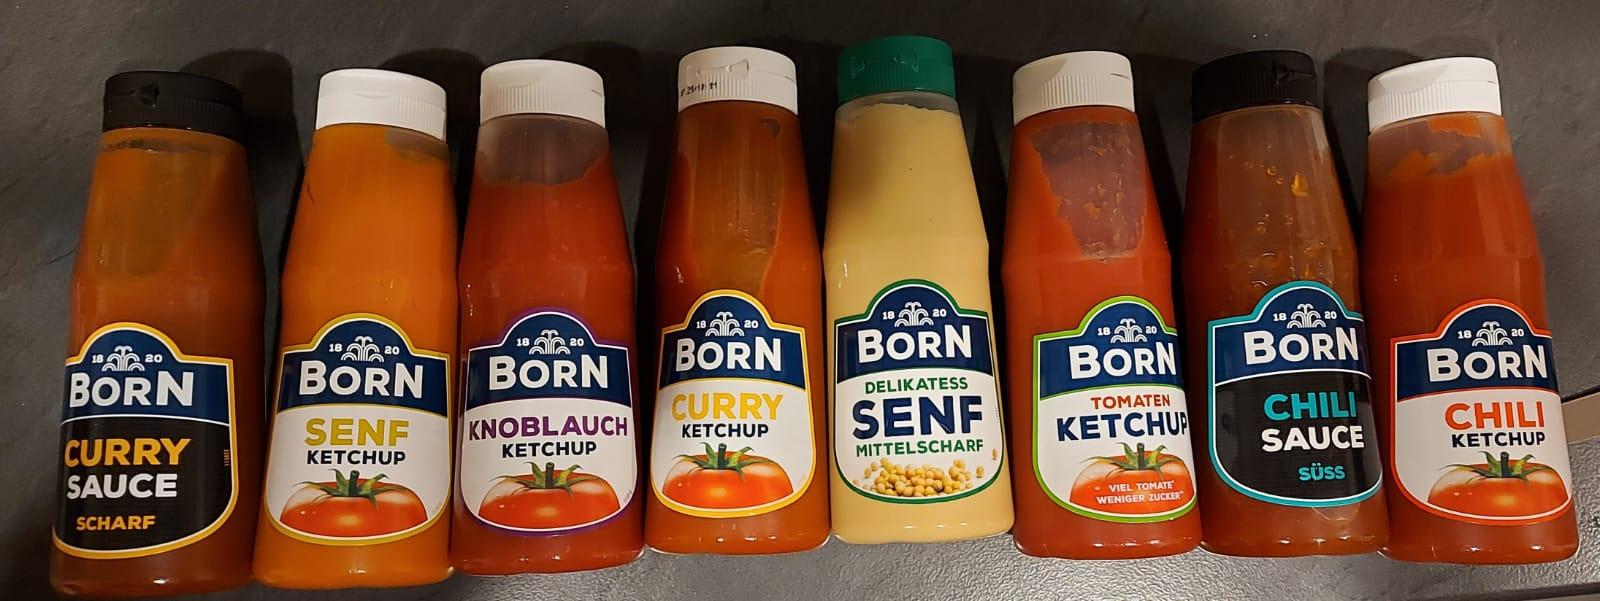 Born Saucen